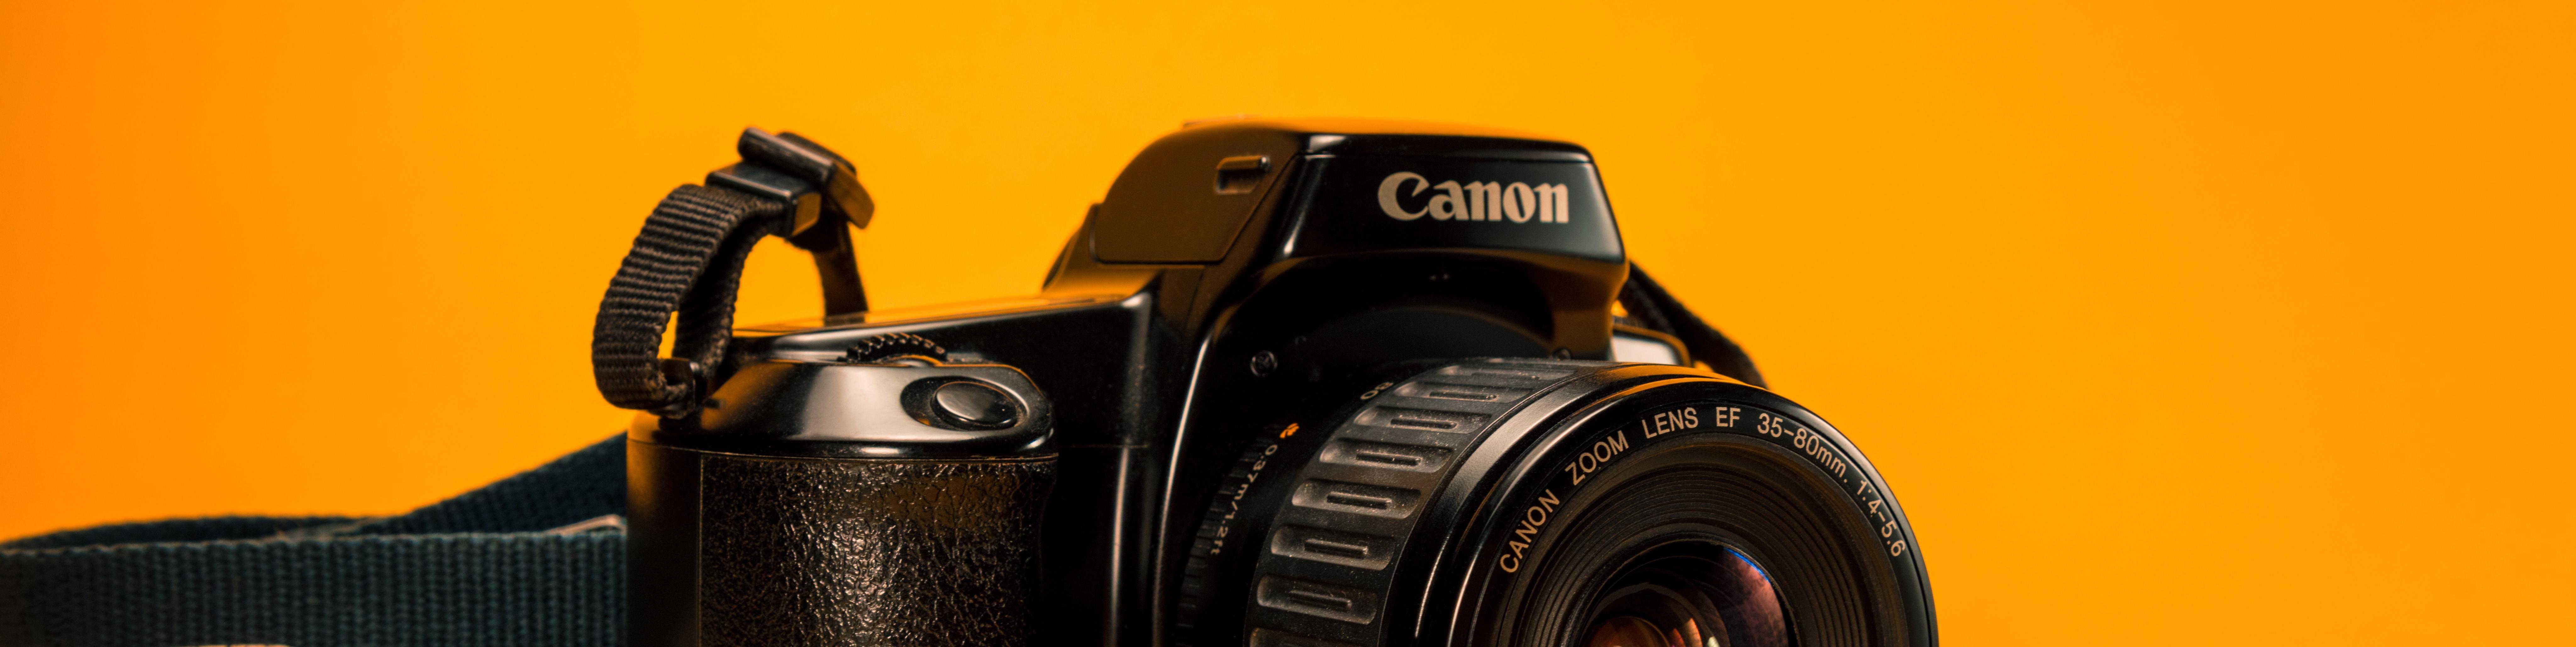 Canon camera on bright orange background